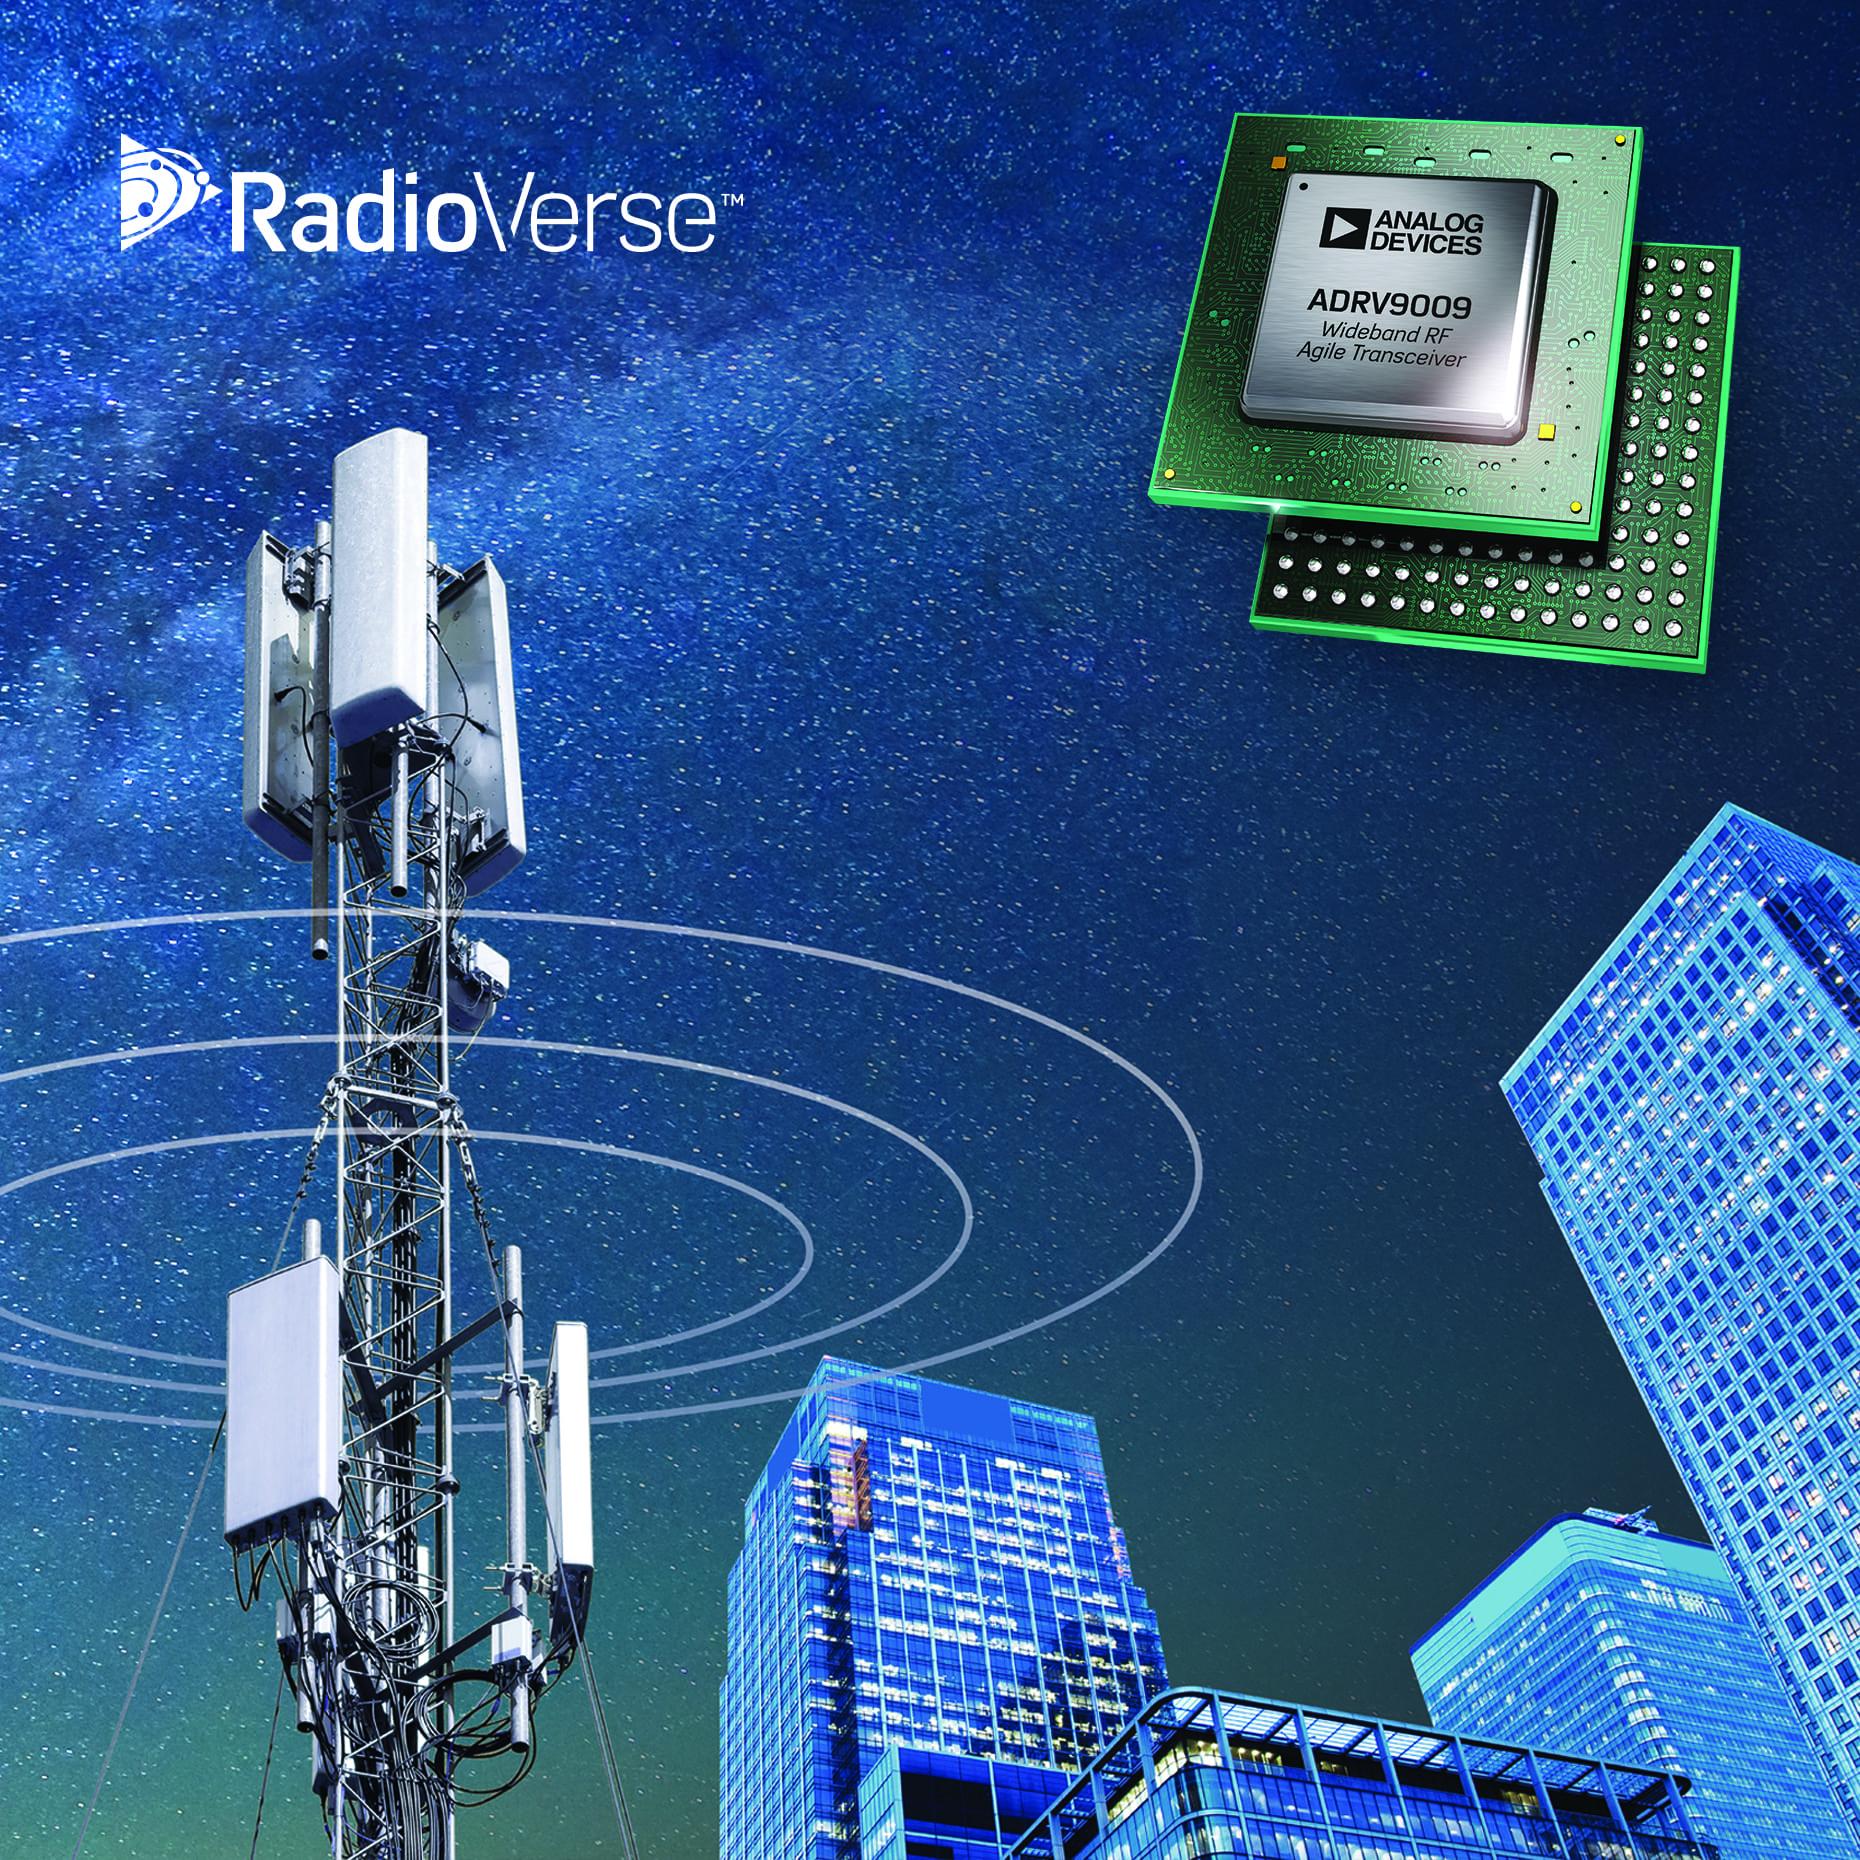 Industry's Widest Bandwidth RF Transceiver Speeds Development